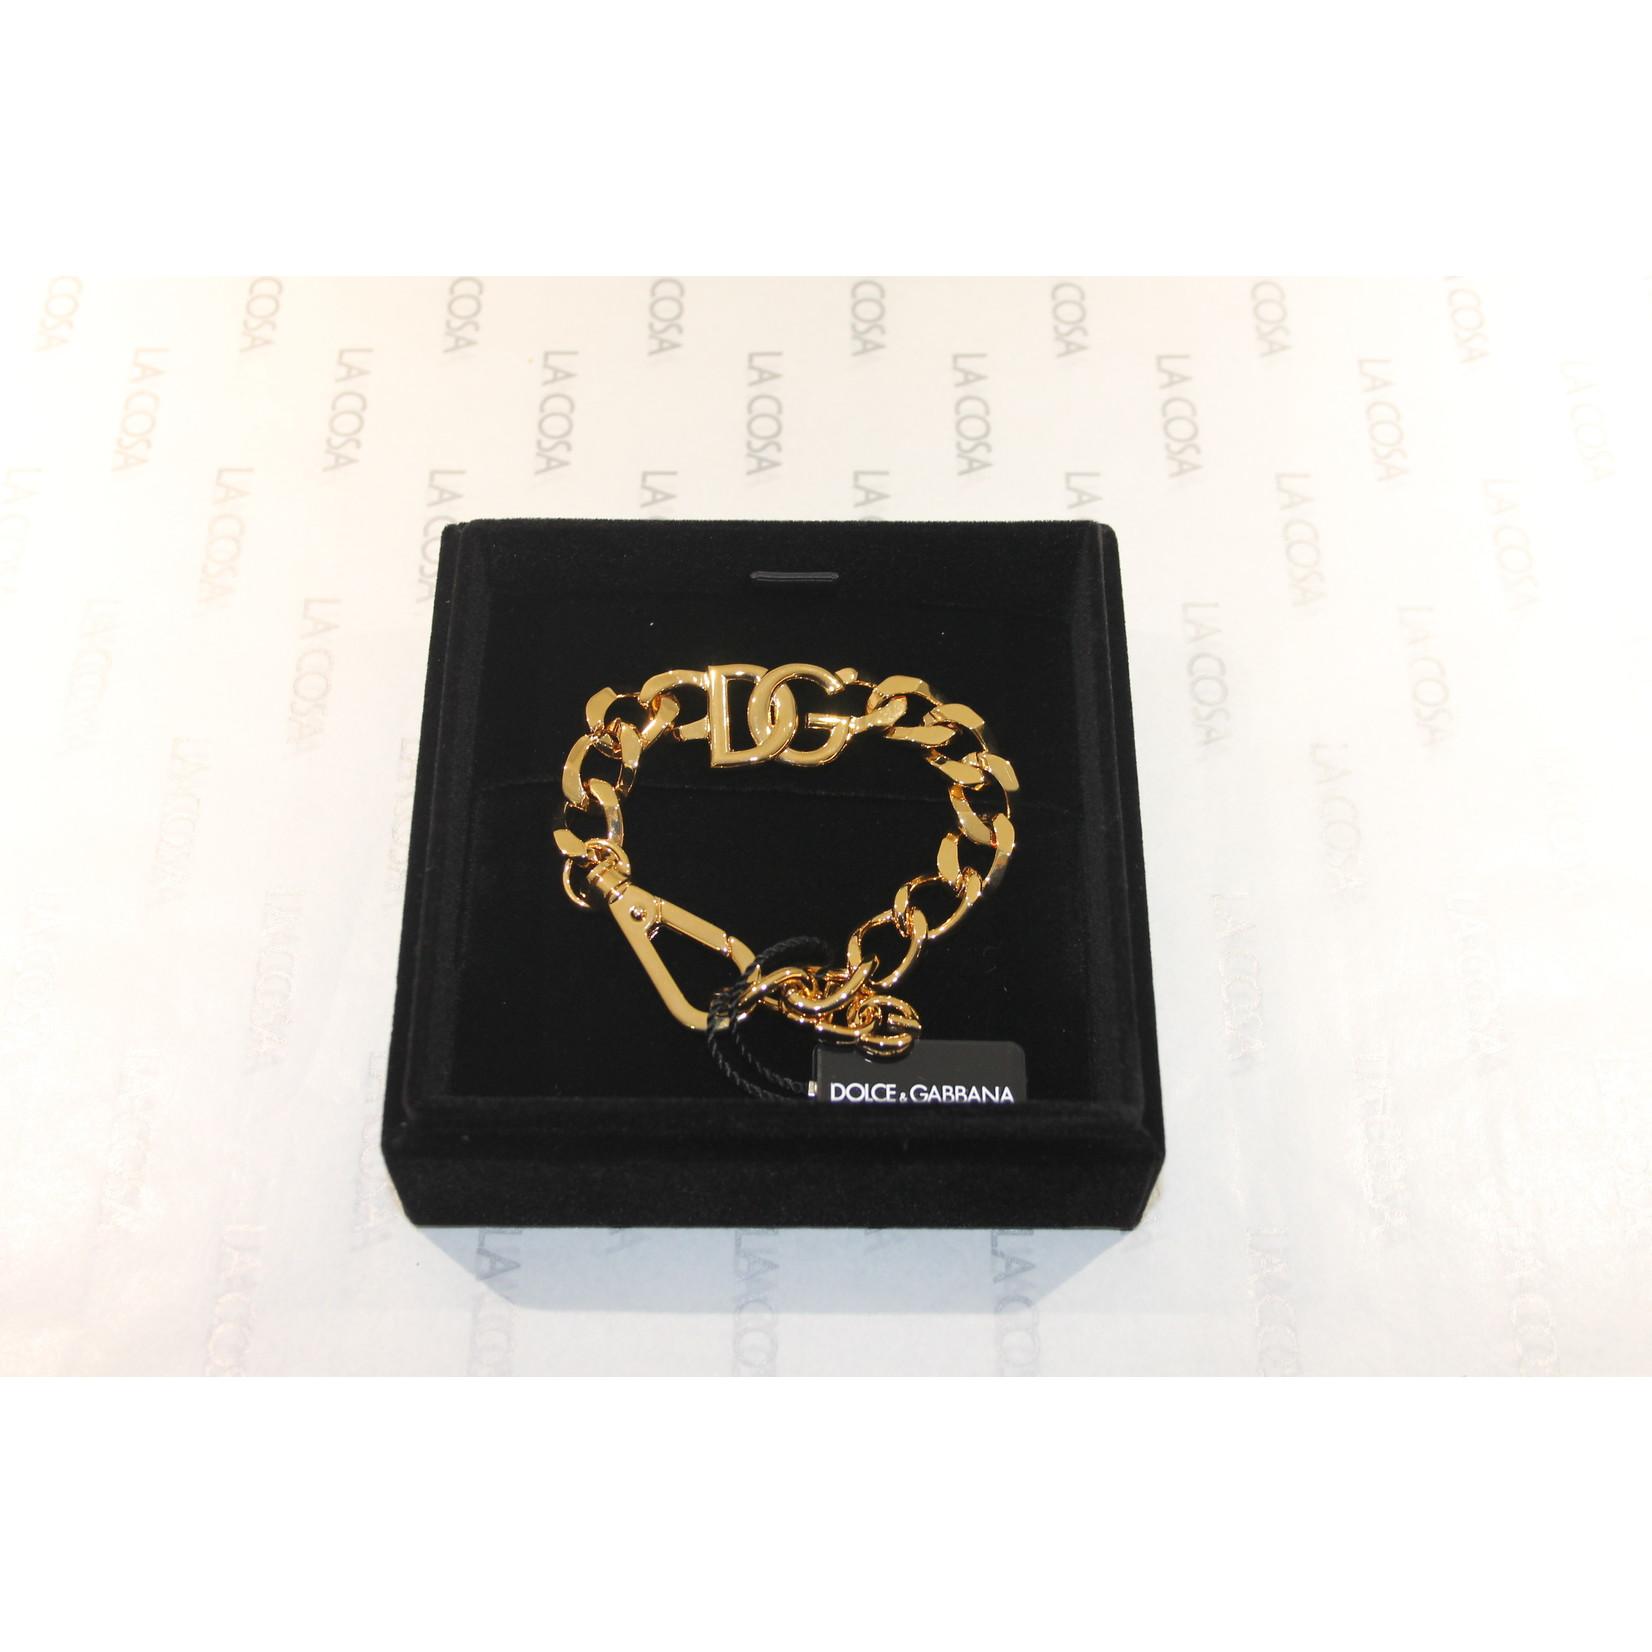 Dolce&Gabbana acc Armband 42997